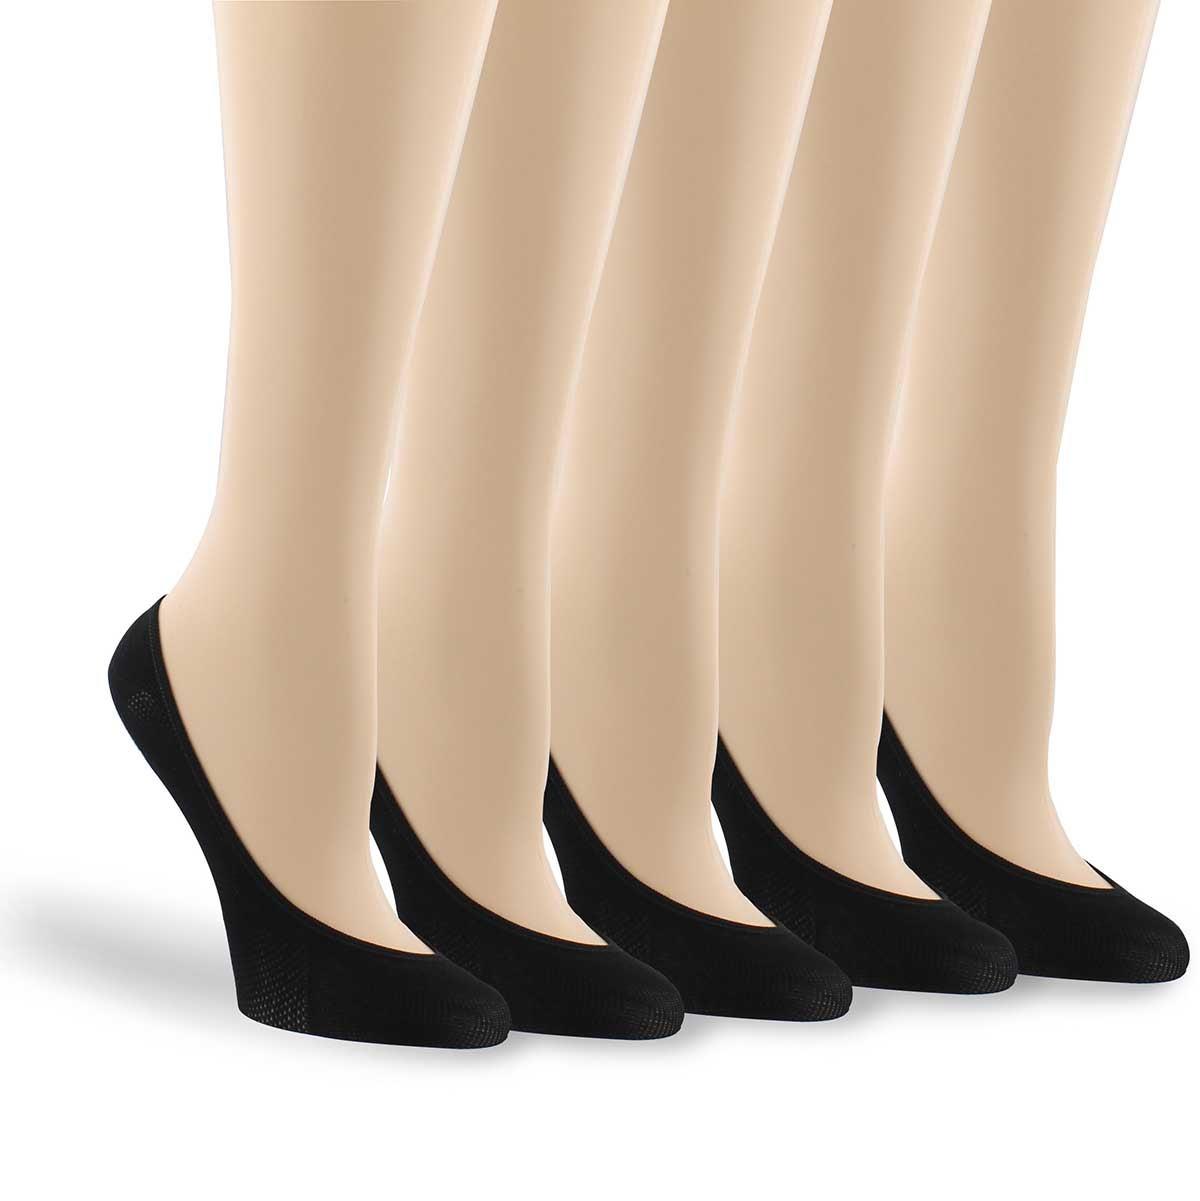 Socquettes Superlow Liner, fem - 5p